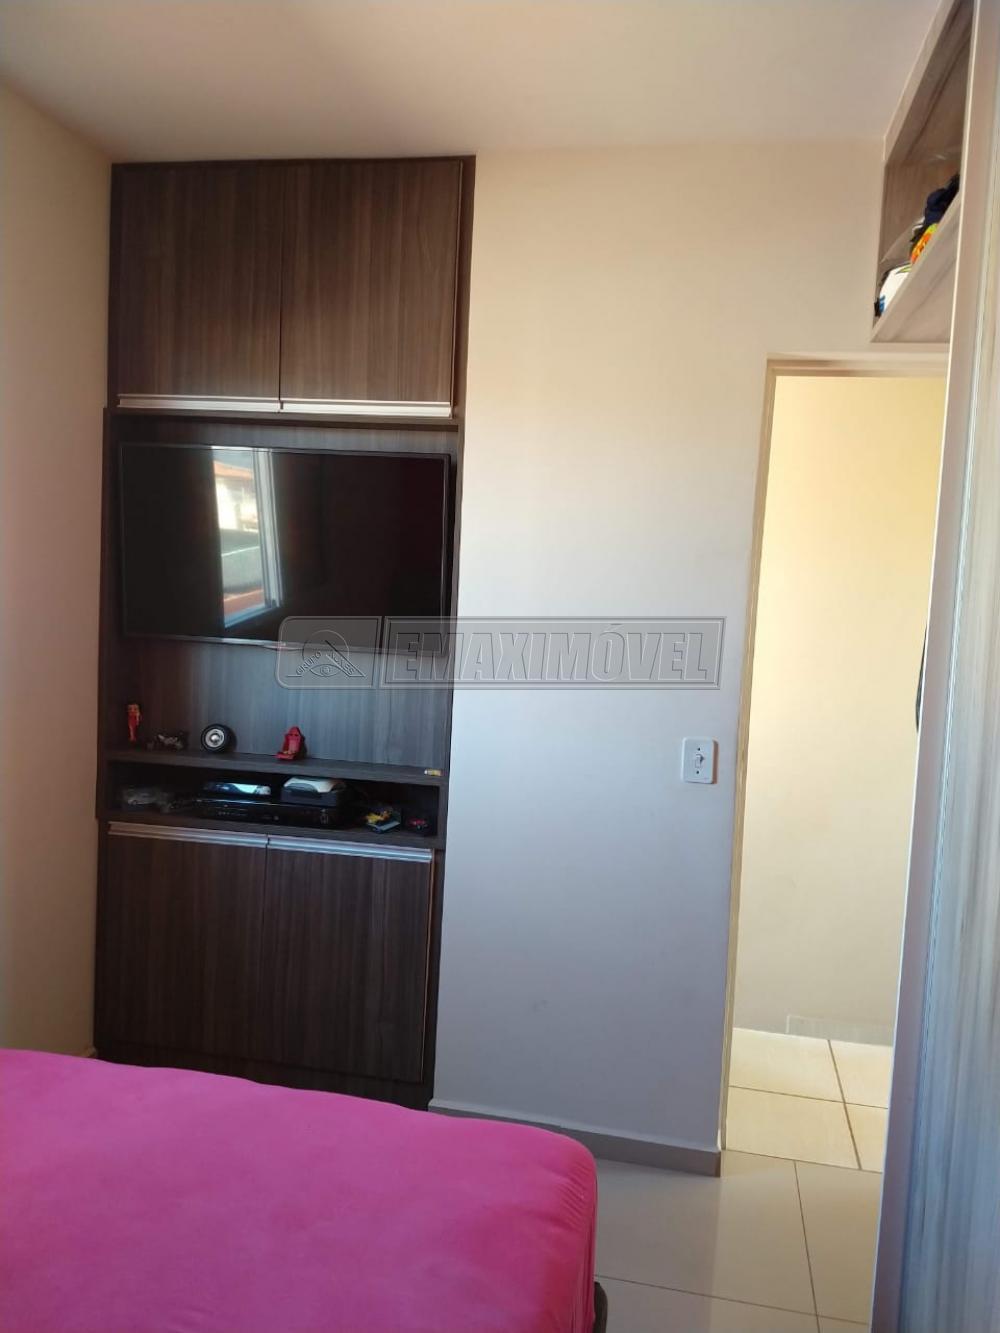 Comprar Casas / em Condomínios em Sorocaba apenas R$ 240.000,00 - Foto 11